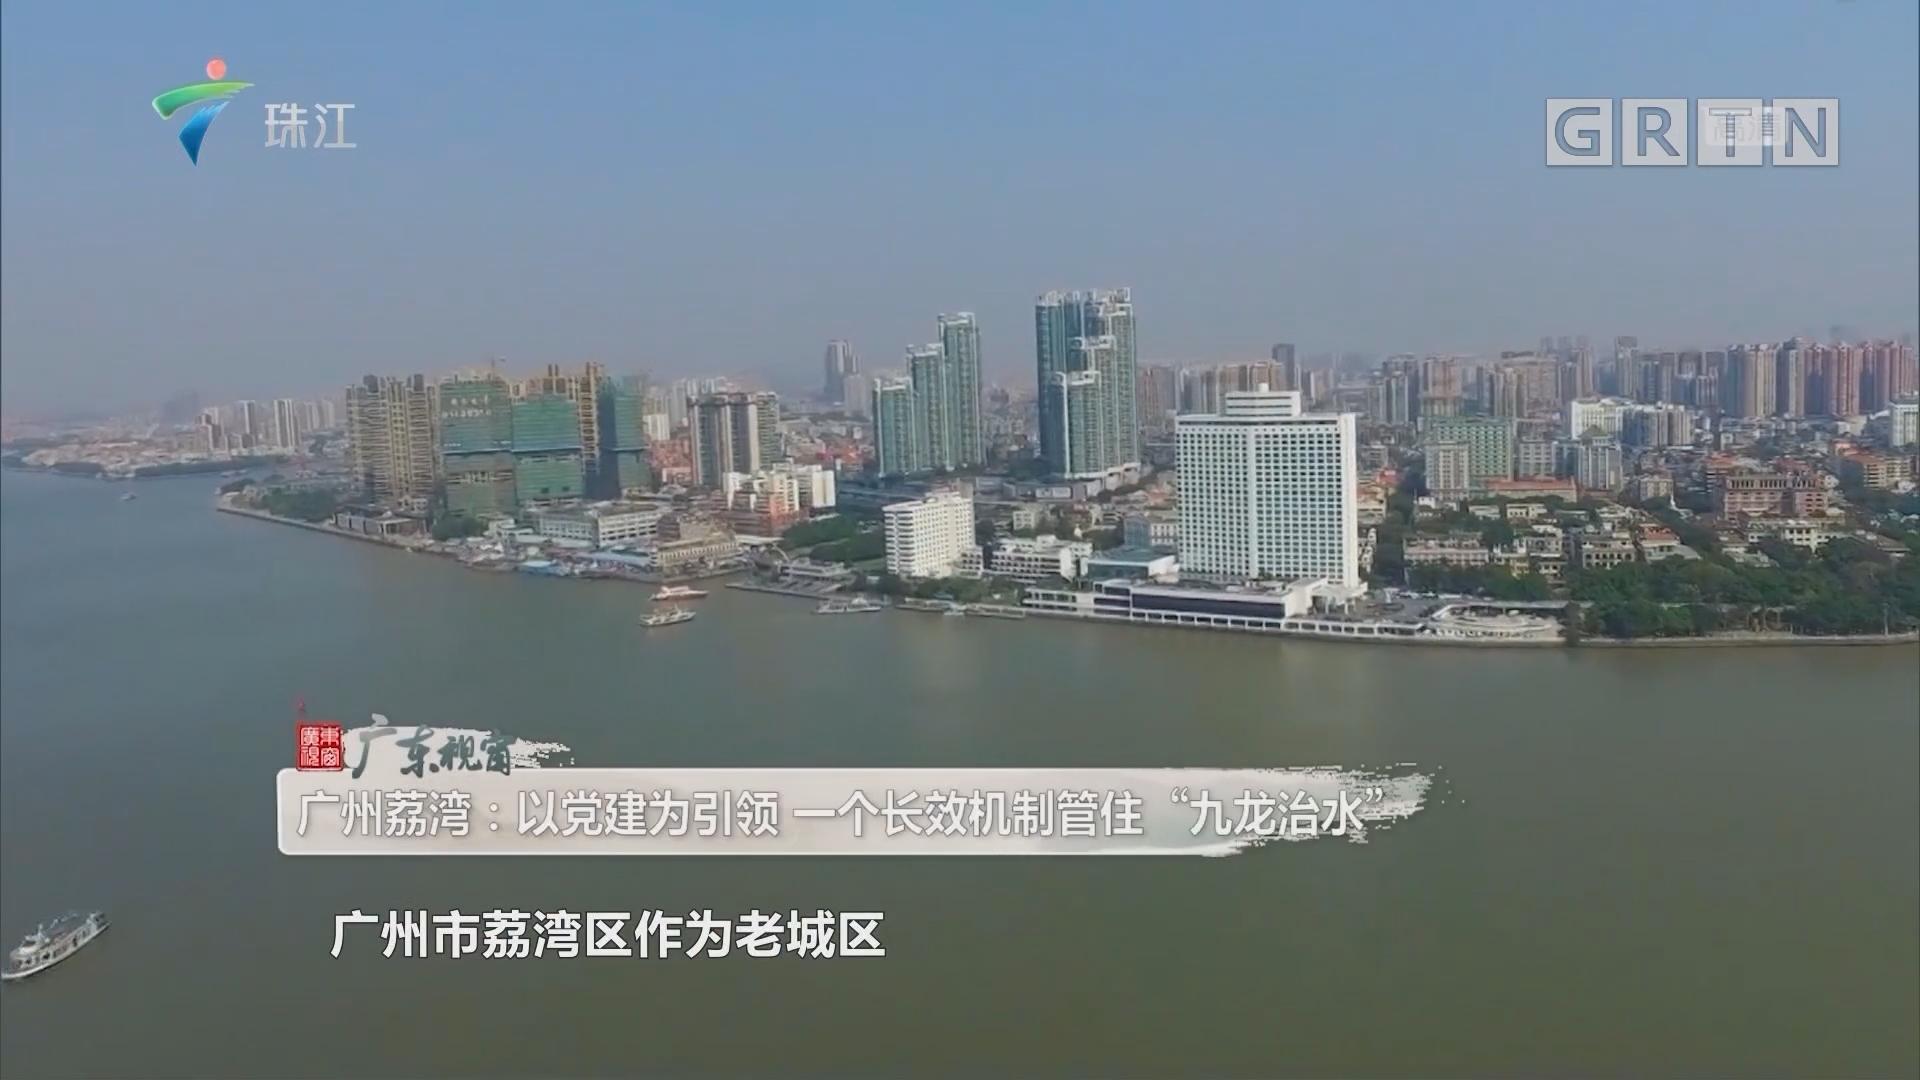 """[HD][2019-07-13]广东视窗:广州荔湾:以党建为引领 一个长效机制管住""""九龙治水"""""""